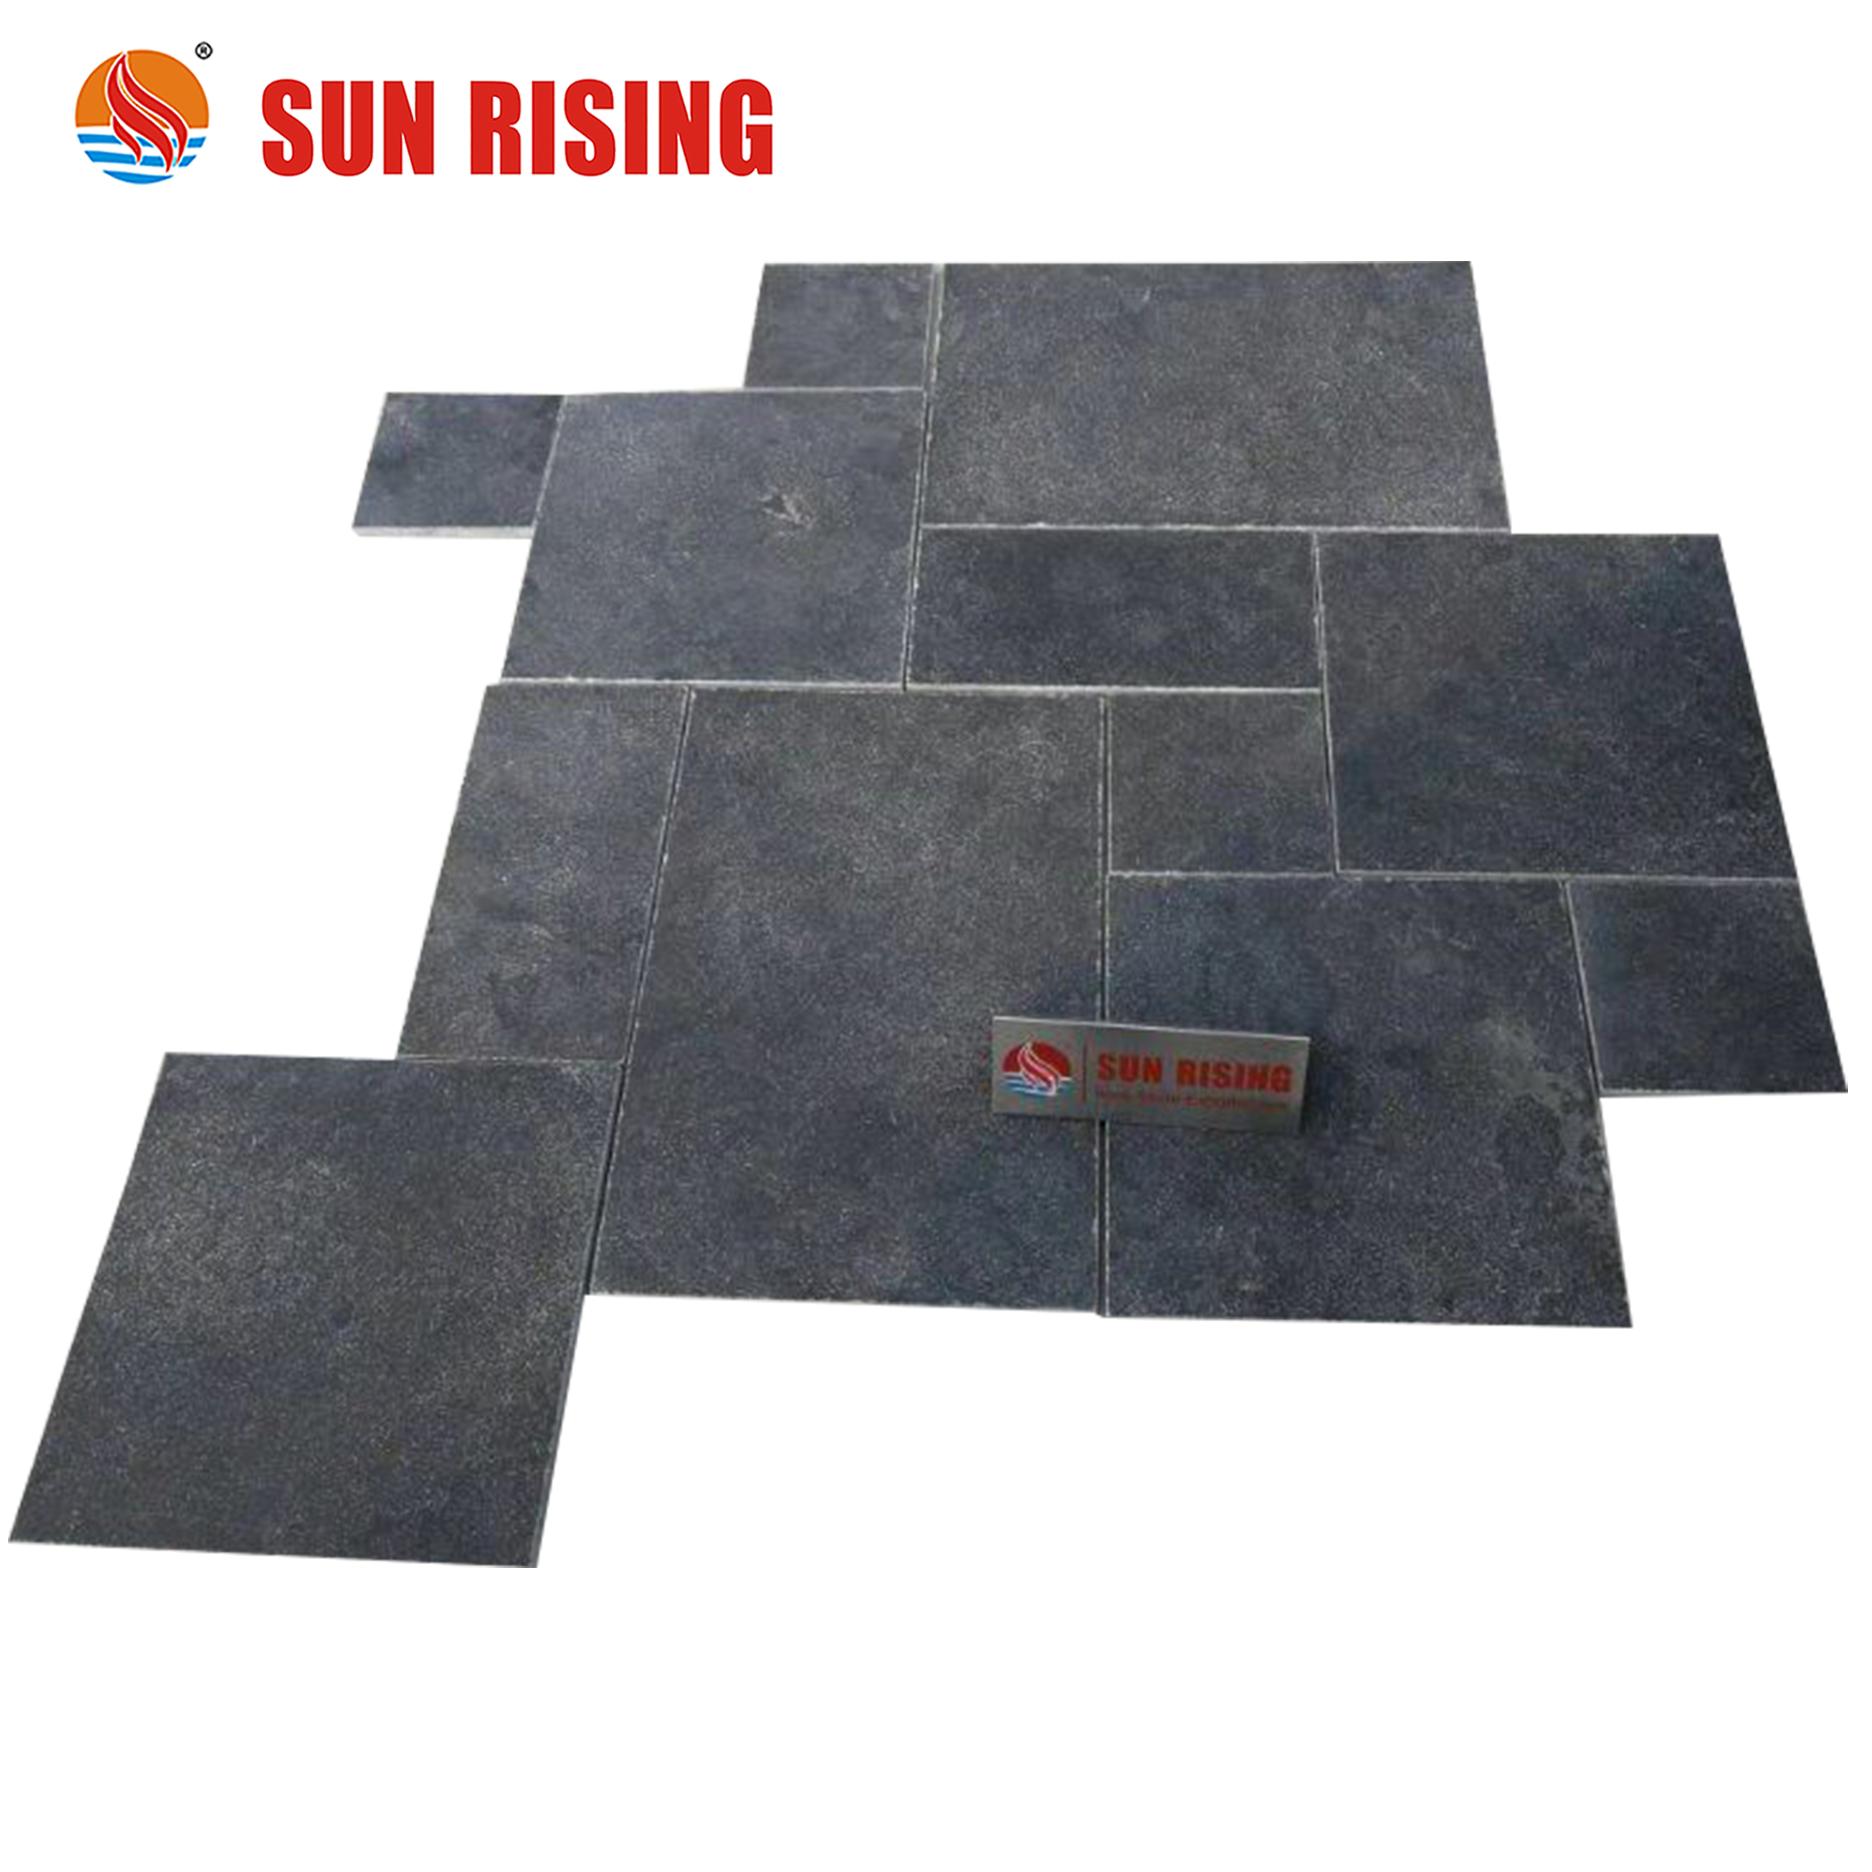 popular blue limestone floor tile bluestone french pattern for garden paving buy bluestone french pattern blue limestone floor tile bluestone garden